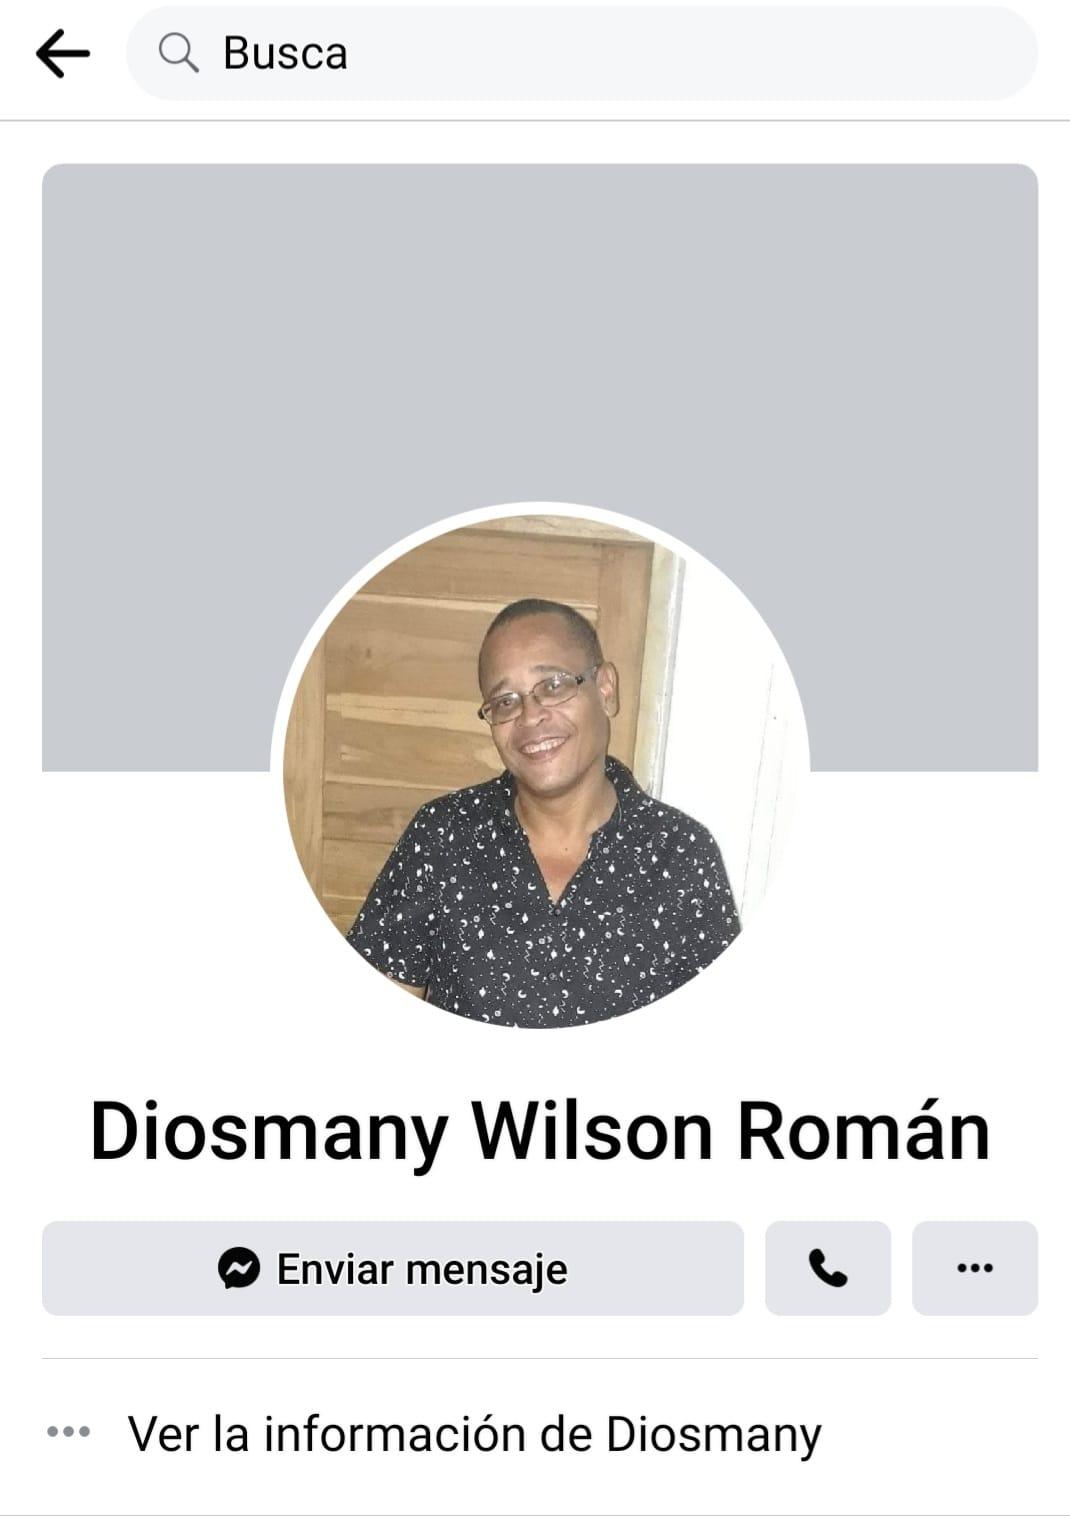 Diosmany Wilson Román